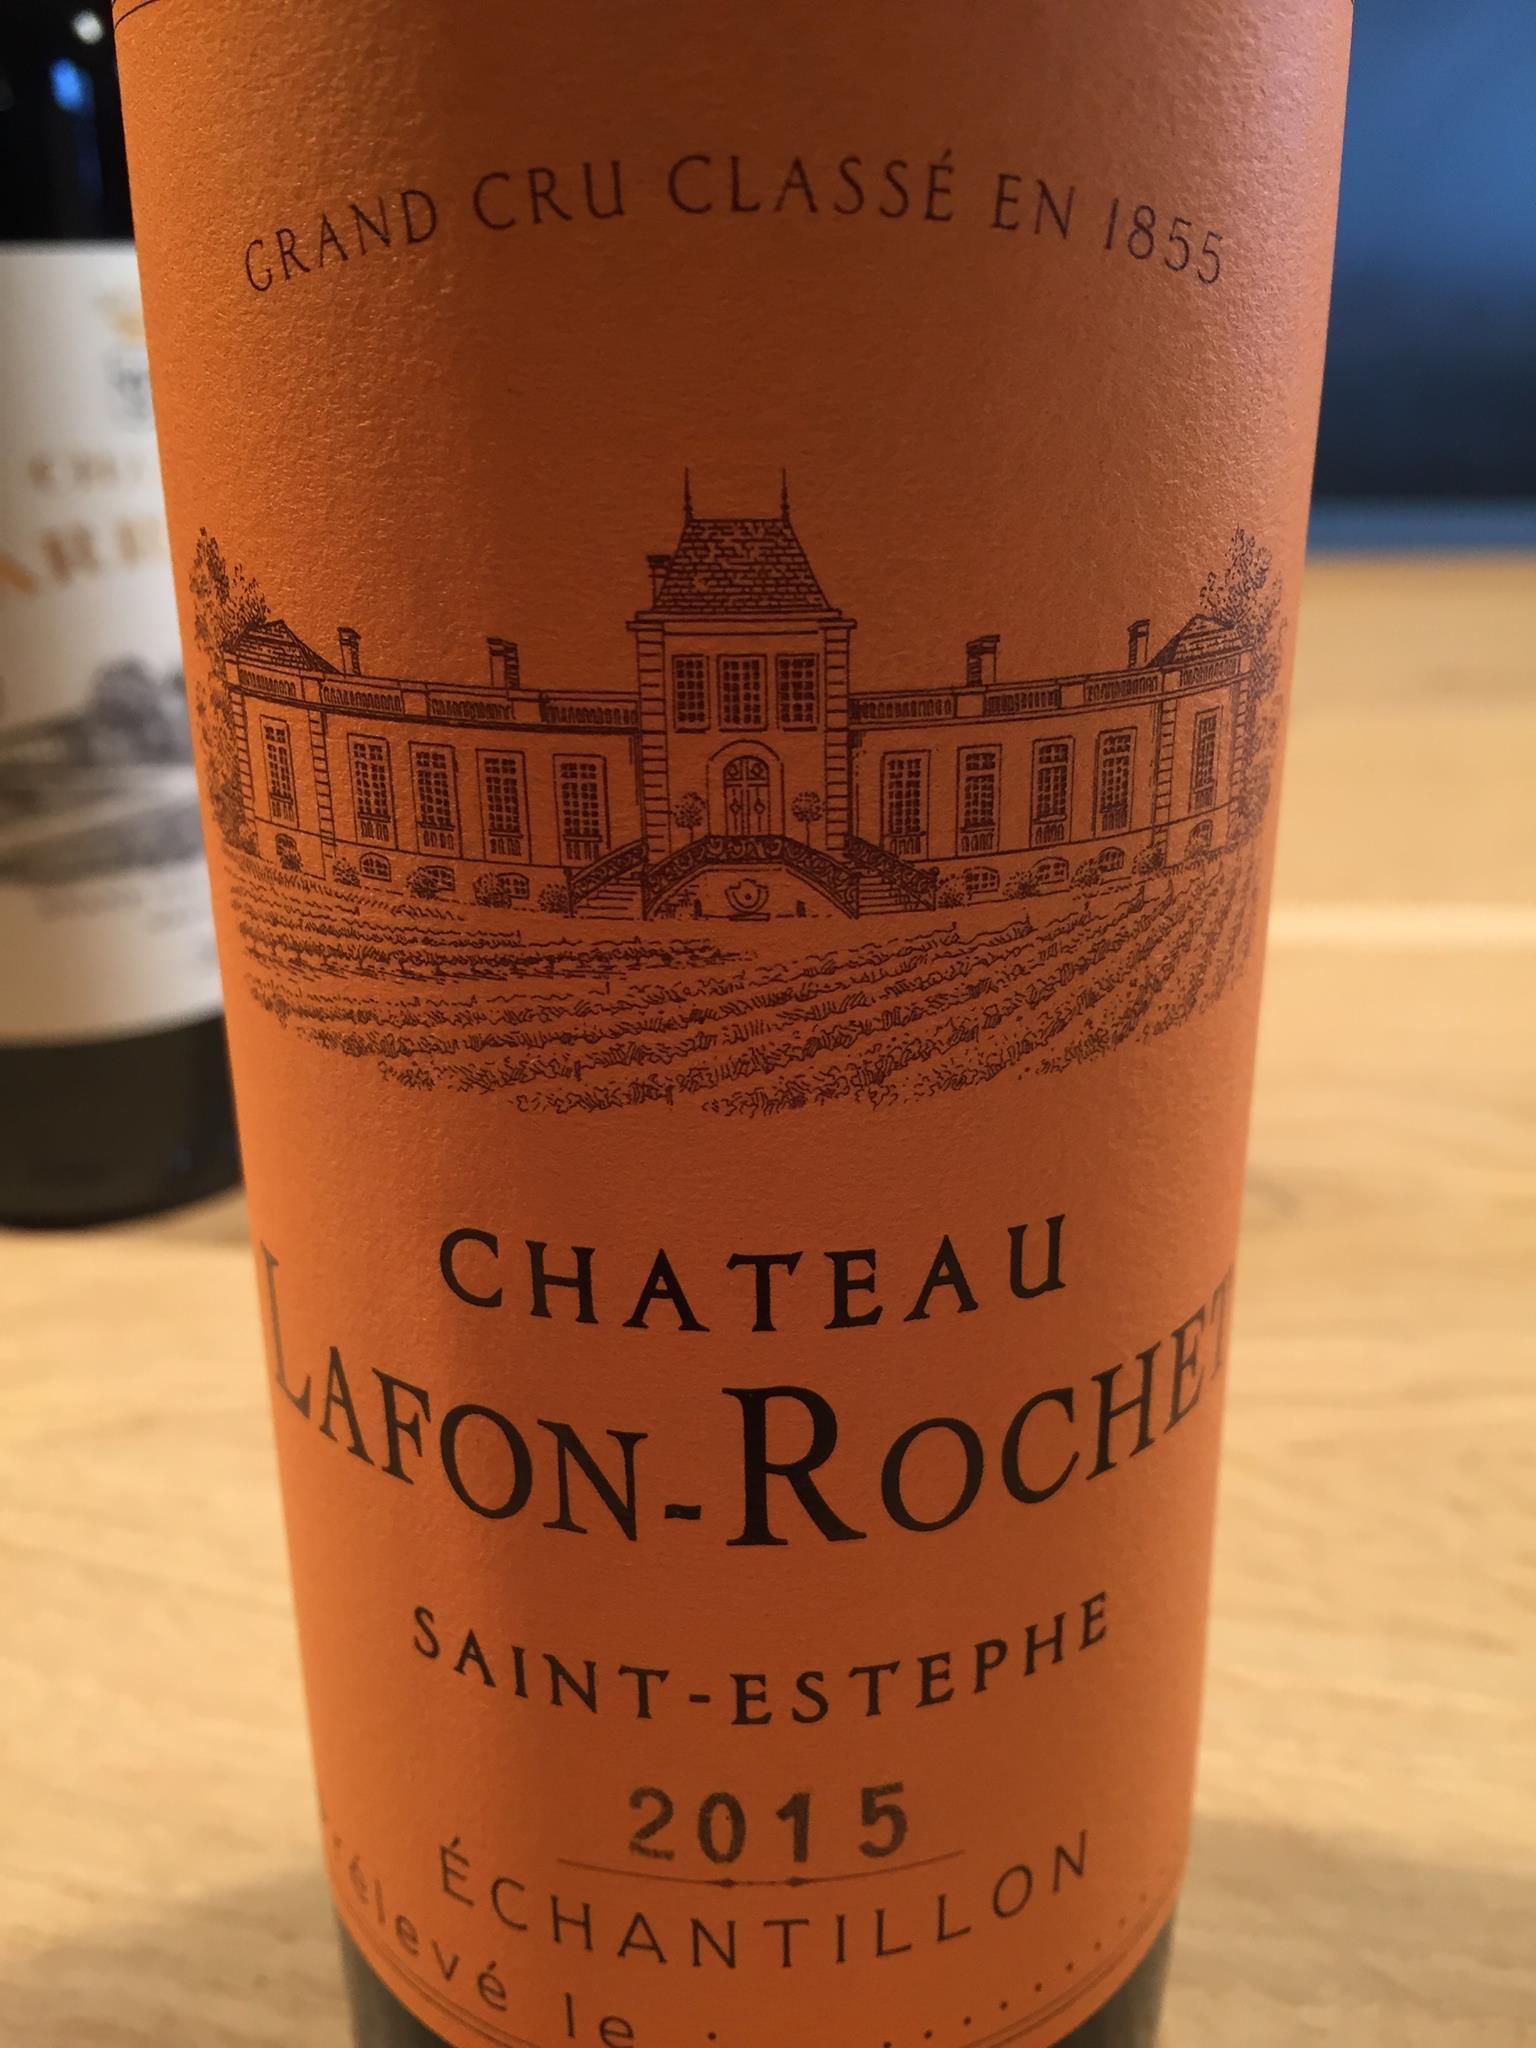 Château Lafon-Rochet 2015 – Saint-Estèphe, Grand Cru Classé